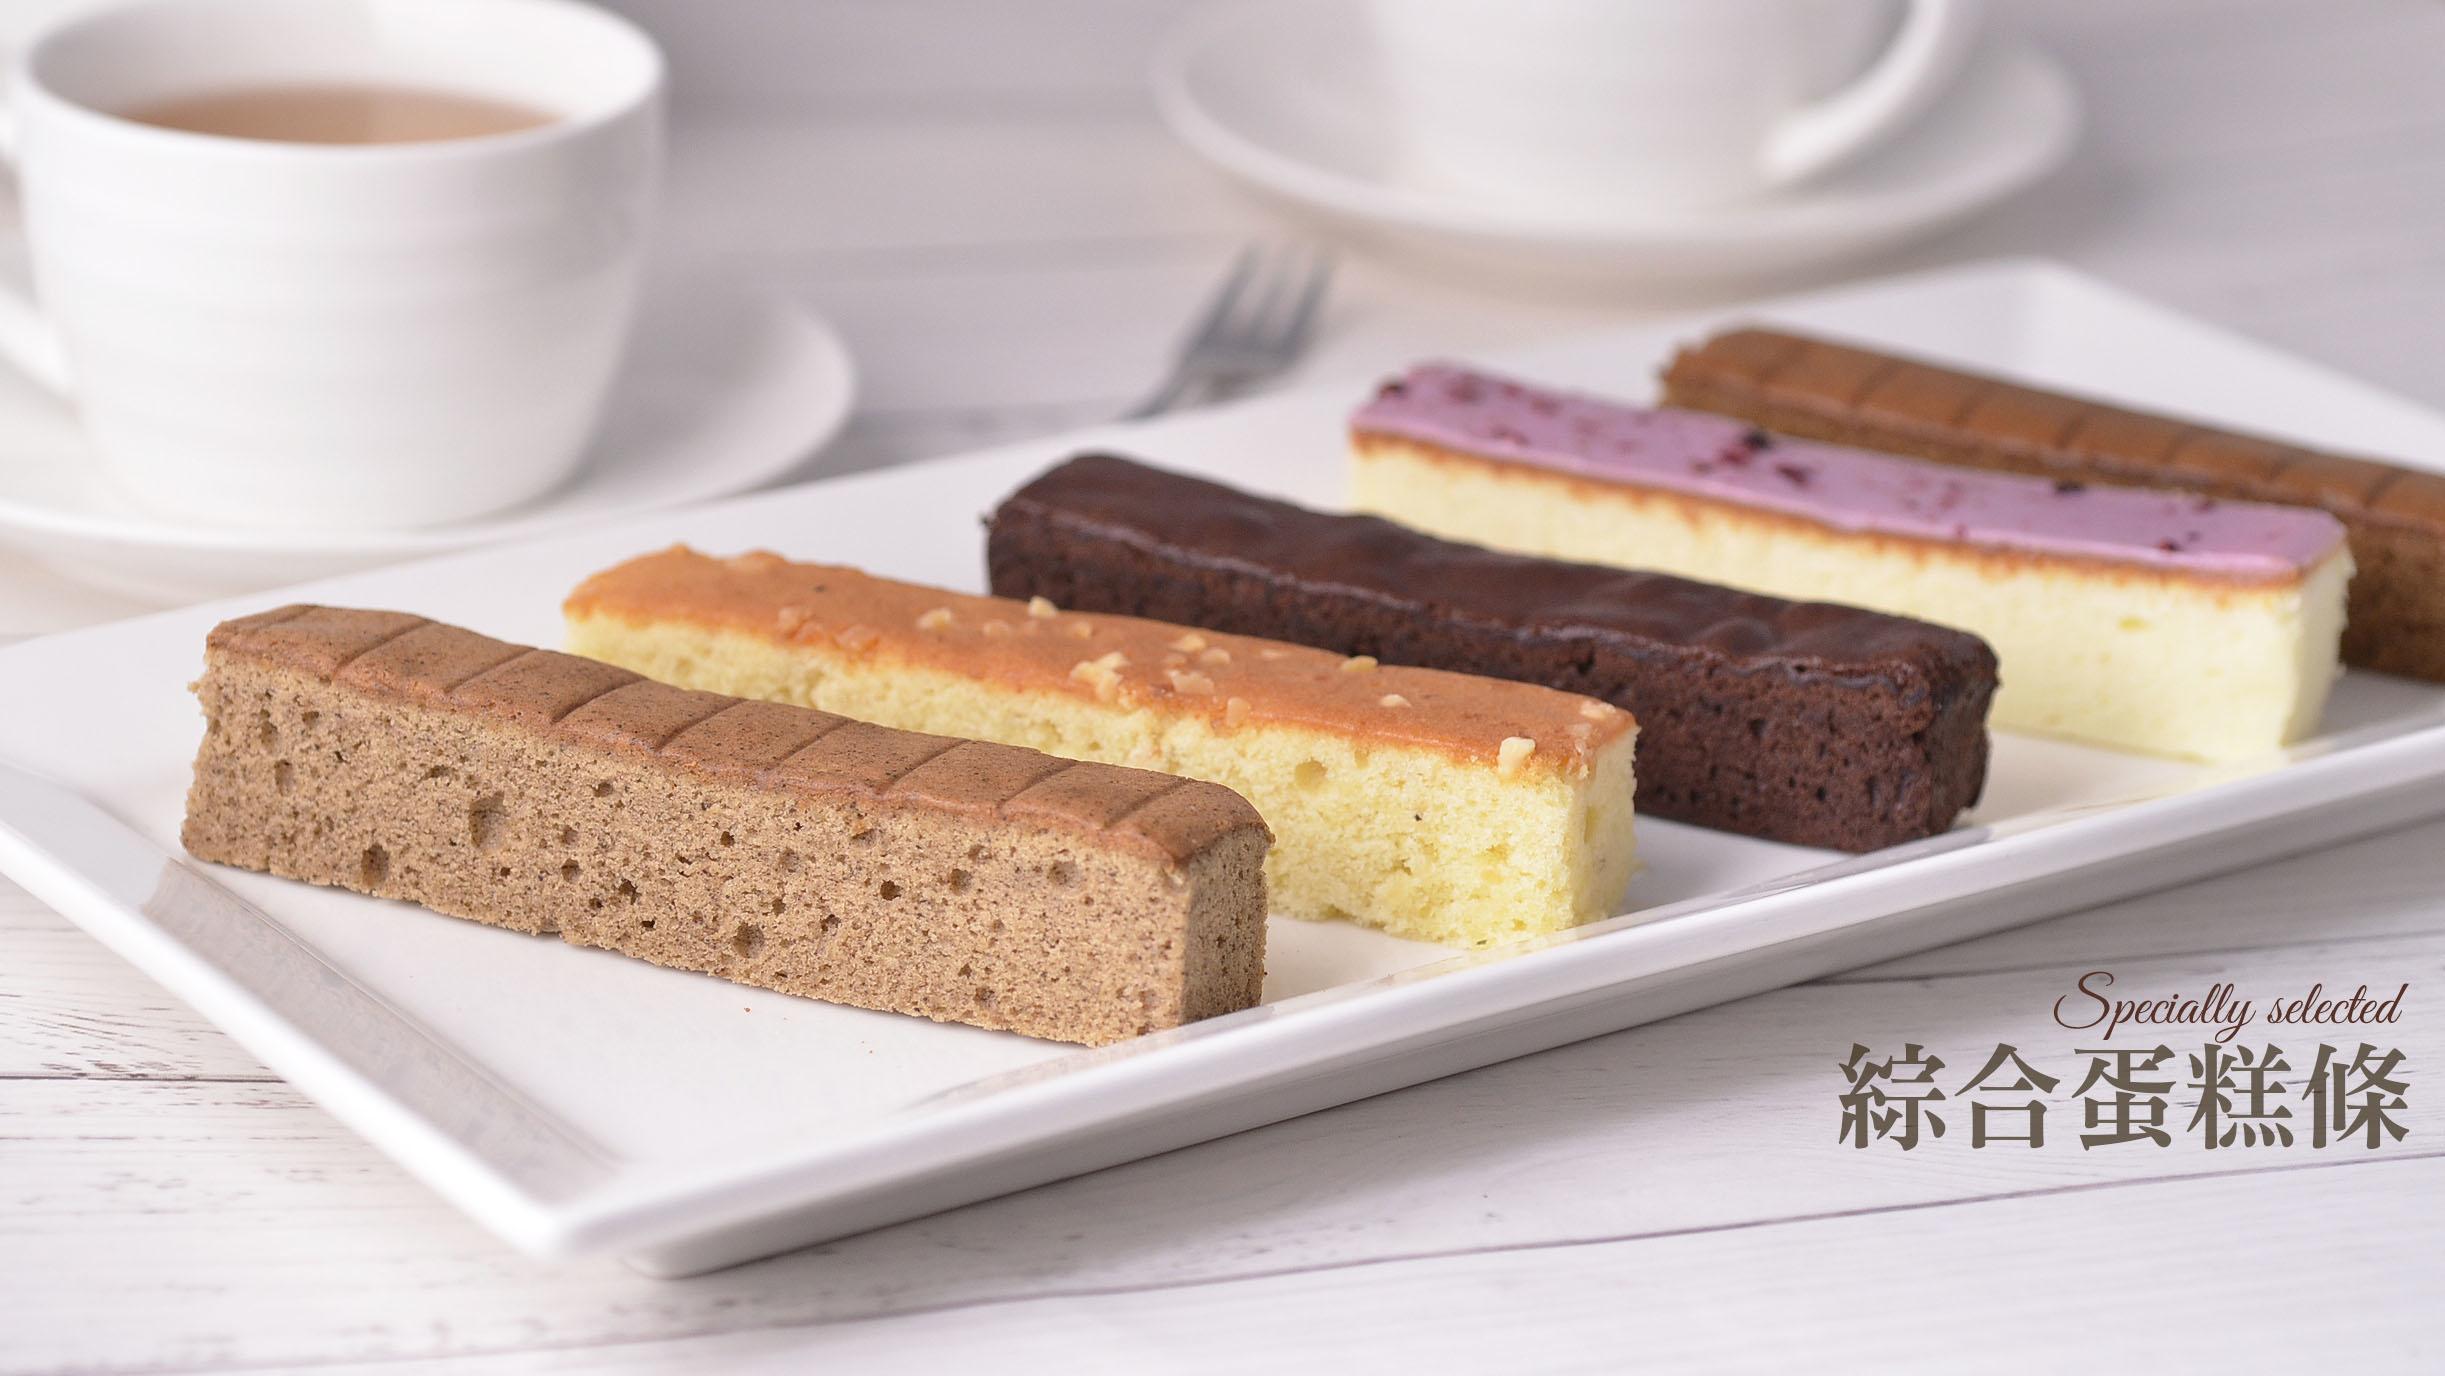 綜合蛋糕條